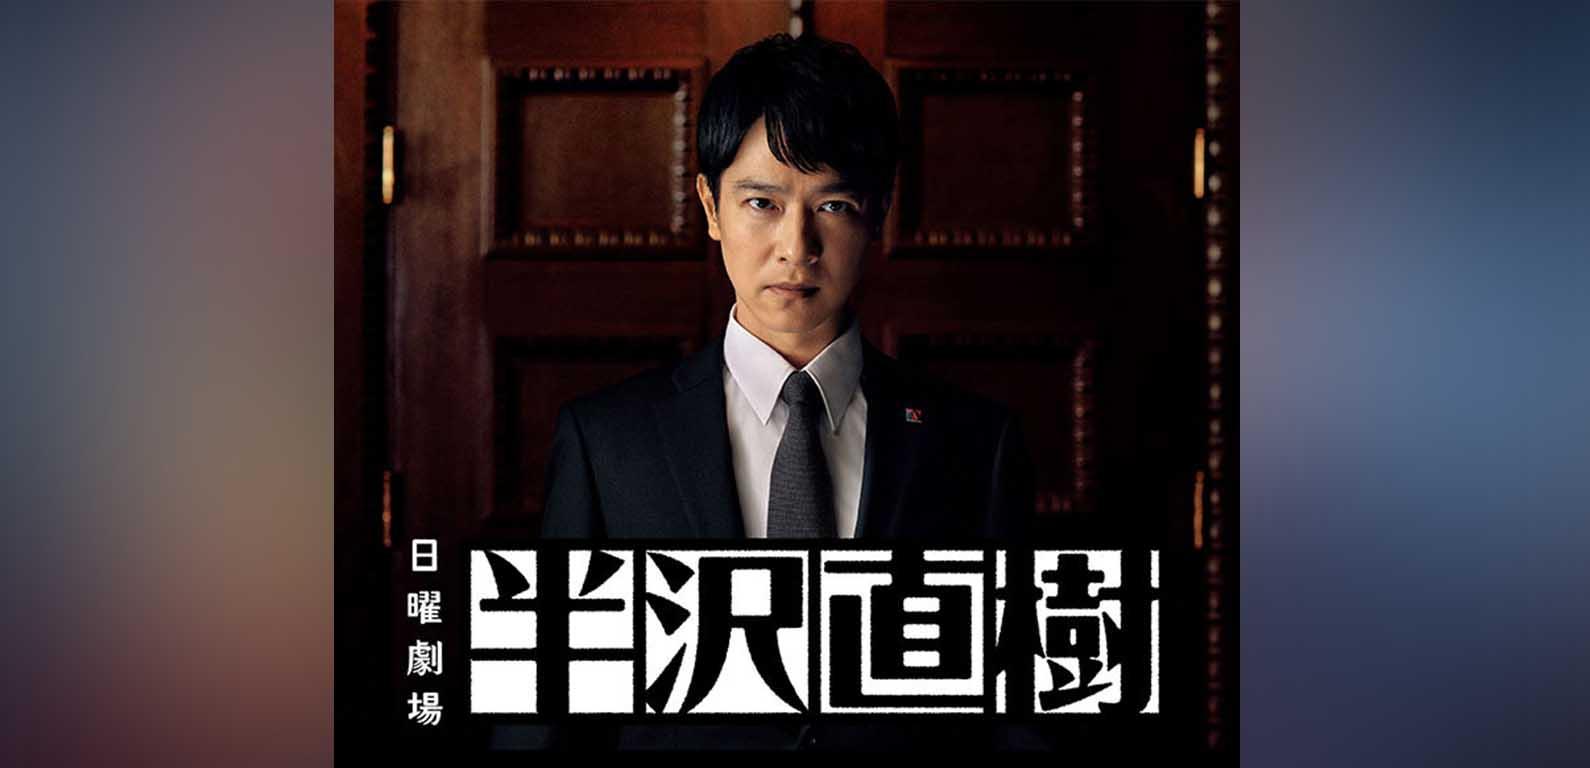 ドラマ『半沢直樹(2020年版)』のあらすじ・名セリフ・名言集